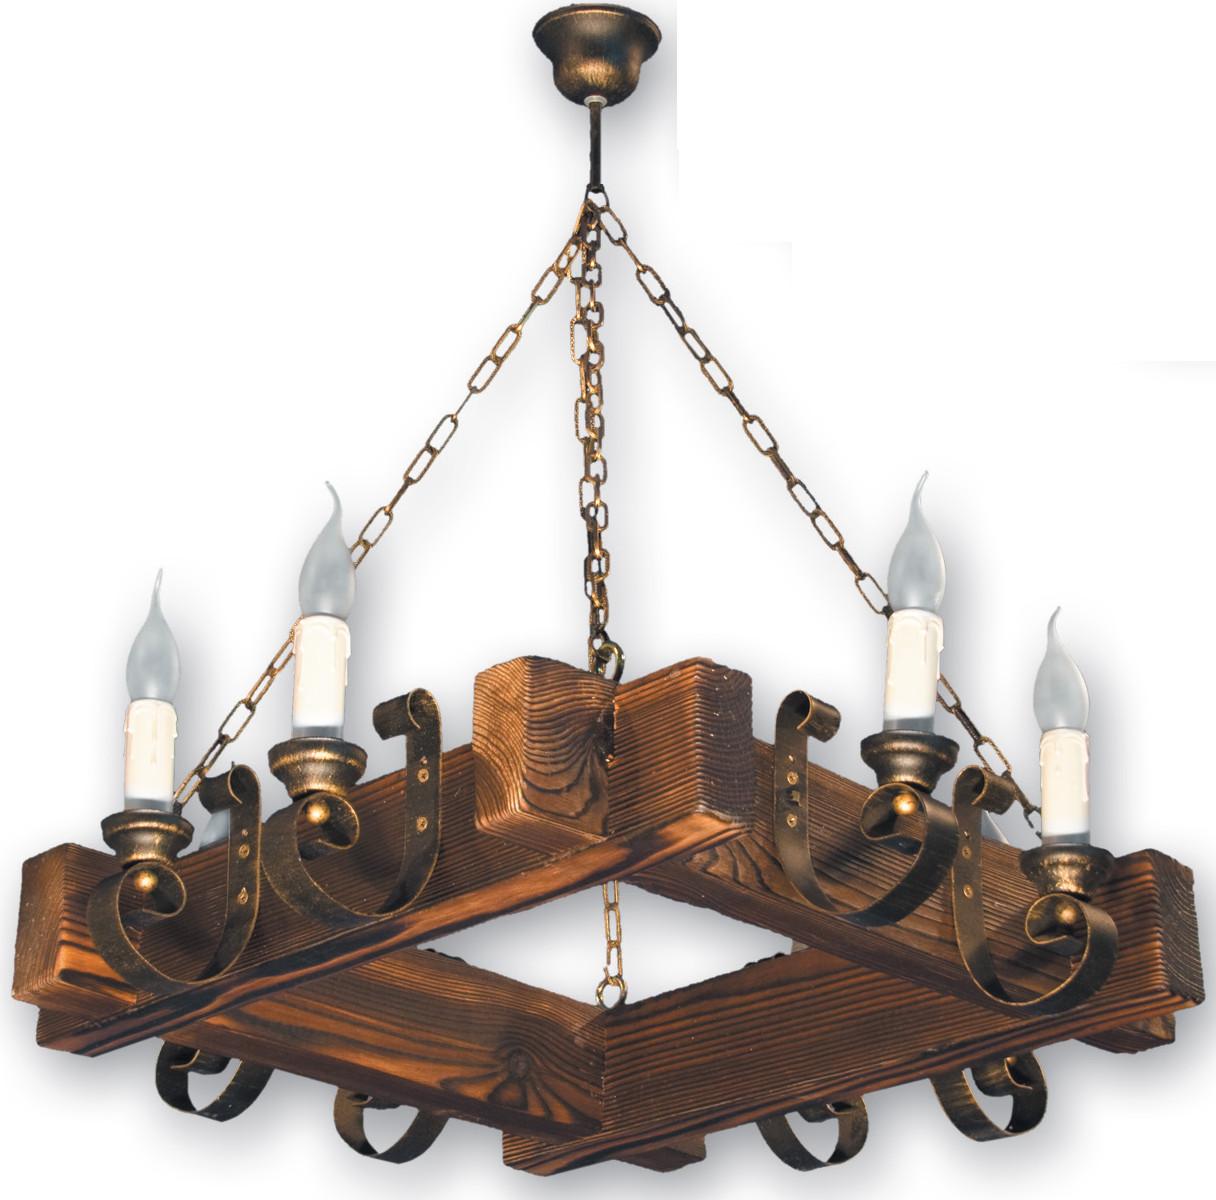 Люстра подвесная на цепи из натурального дерева на 6 свечей 230528